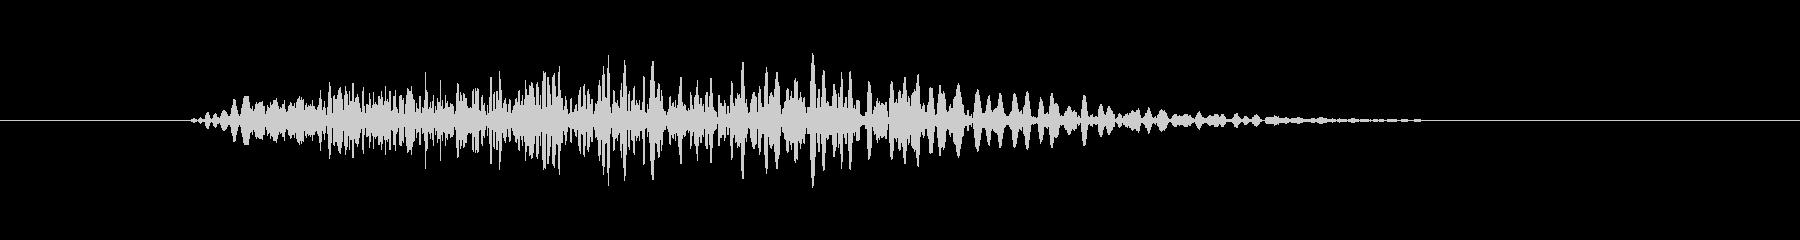 獣型モンスターの咆哮(ガオー)の未再生の波形